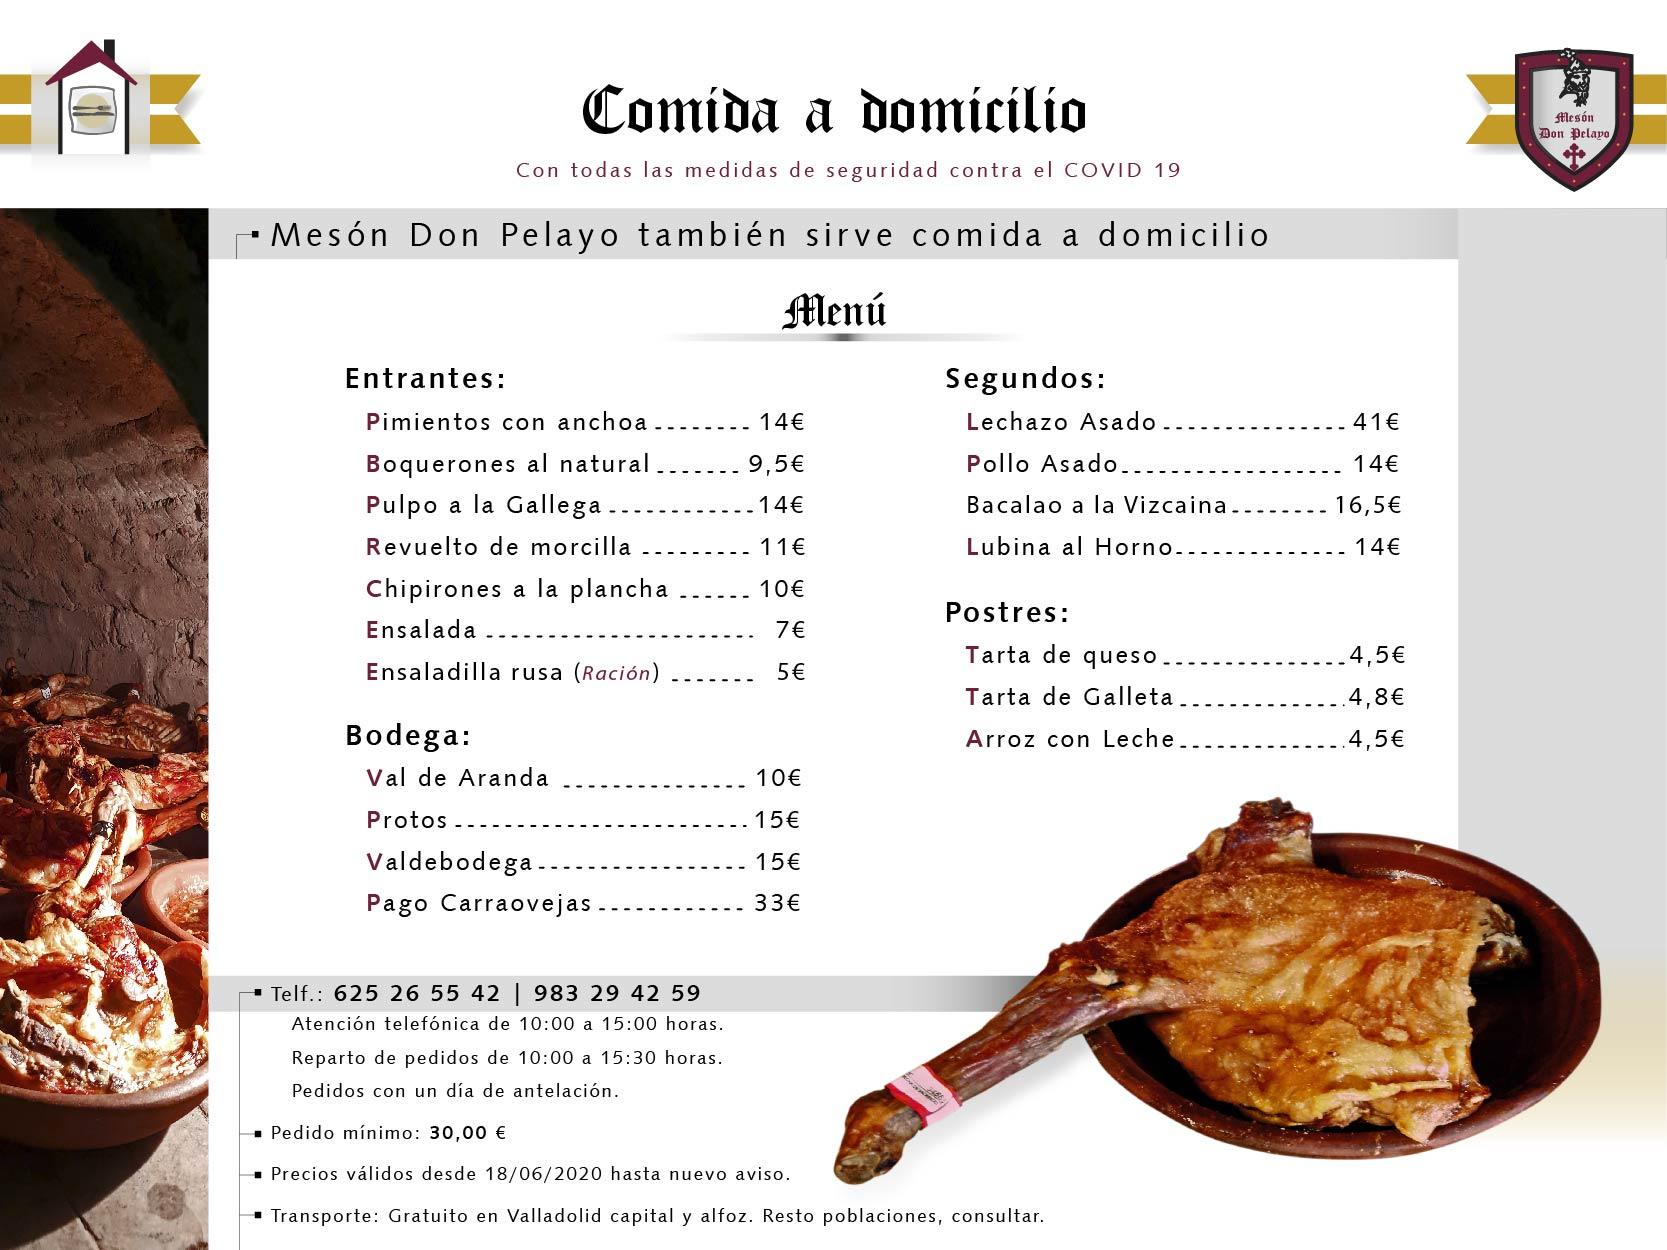 Mesón Restaurante Don Pelayo | Menú para enviar a domicilio